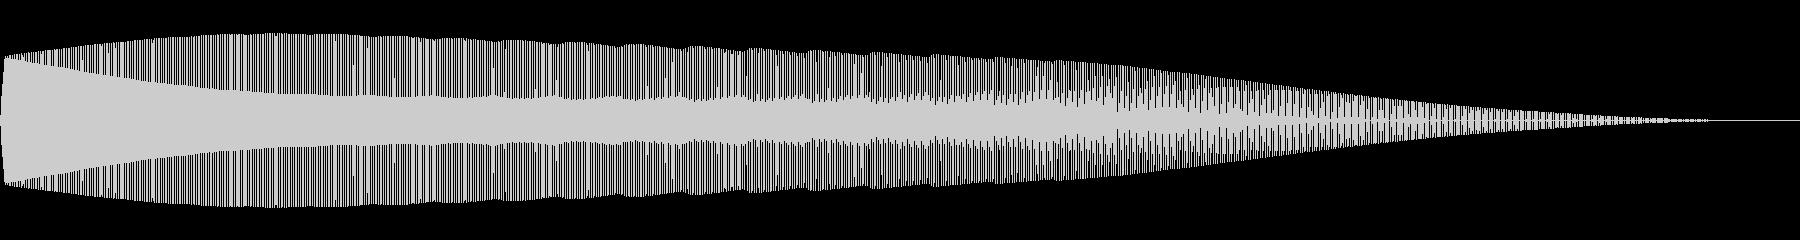 ポロロローン(ファミコン/ジャンプ/失敗の未再生の波形